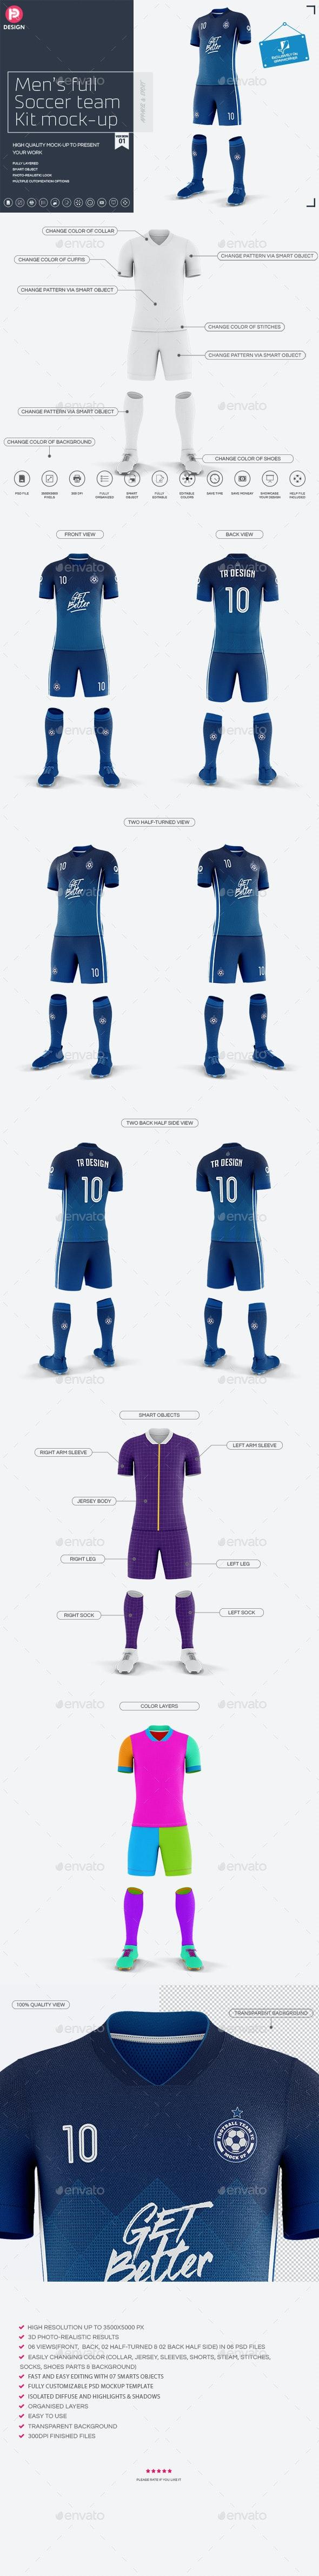 Men's Full Soccer Team Kit Mockup V1 - Miscellaneous Product Mock-Ups